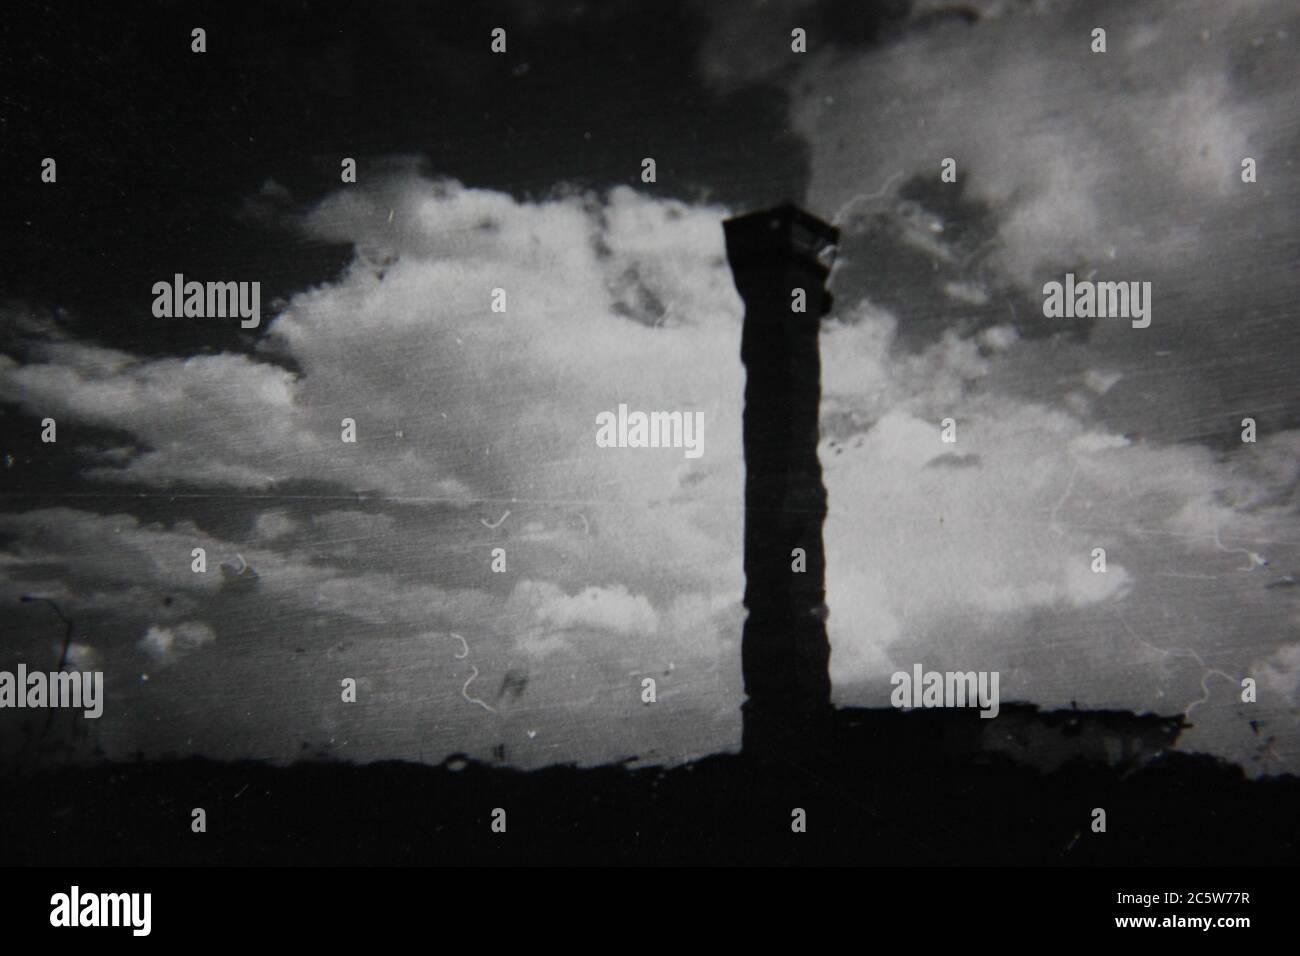 Fotografía de estilo de vida en blanco y negro de la elegante década de los 70 de la torre de control de tráfico aéreo de o'Hare que se cierne en la distancia. Foto de stock